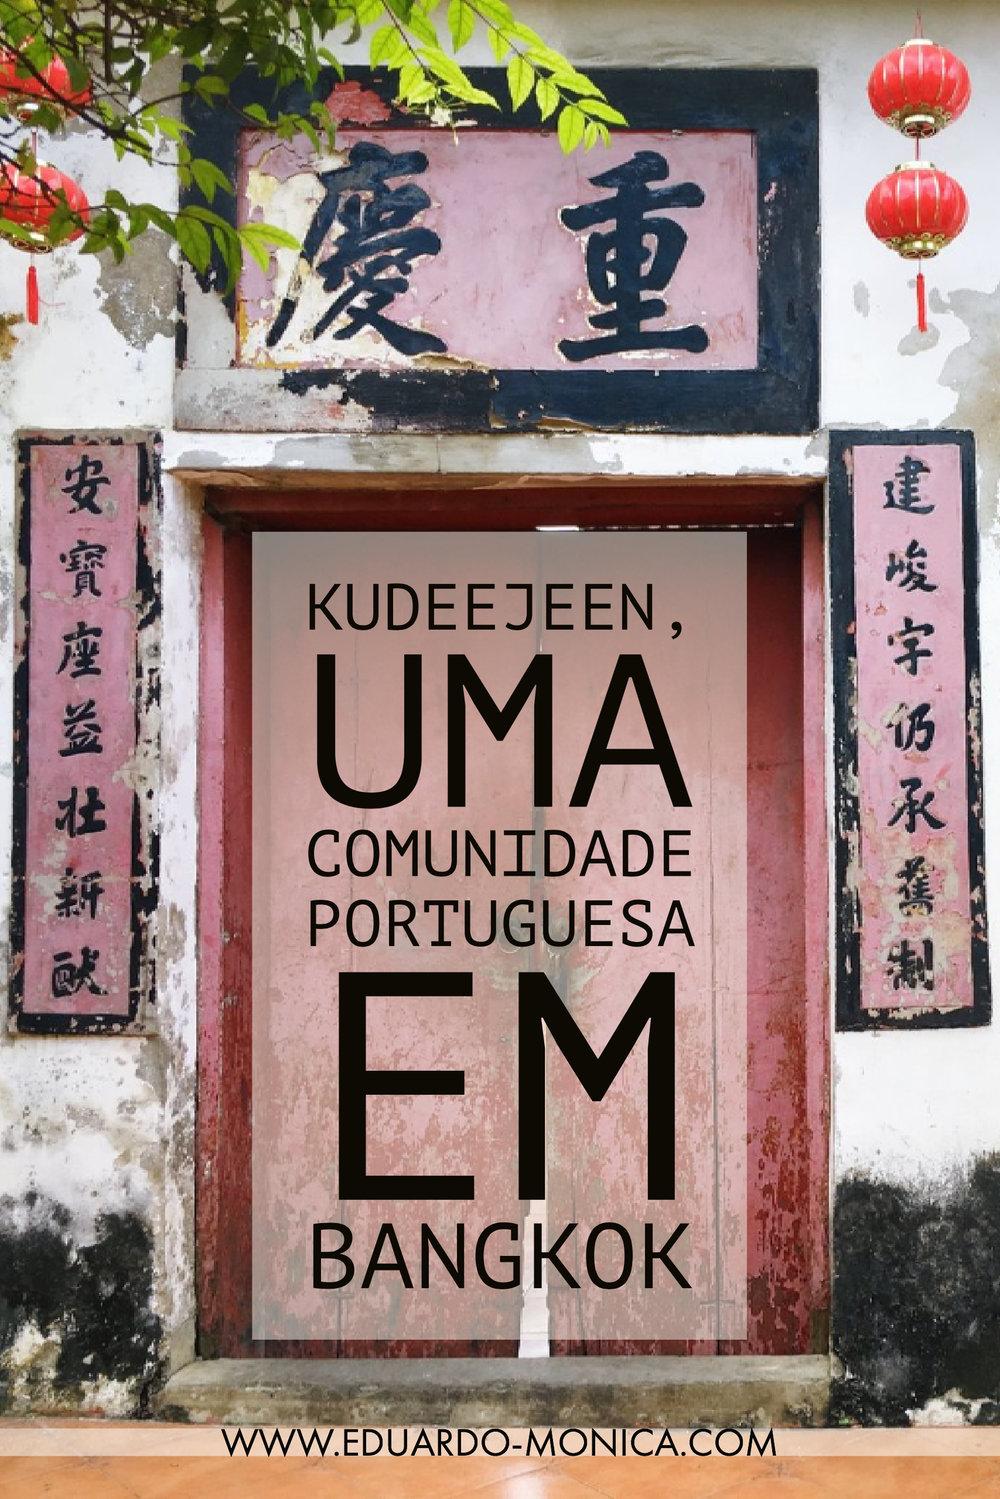 Kudeejeen, Uma Comunidade Portuguesa em Bangkok